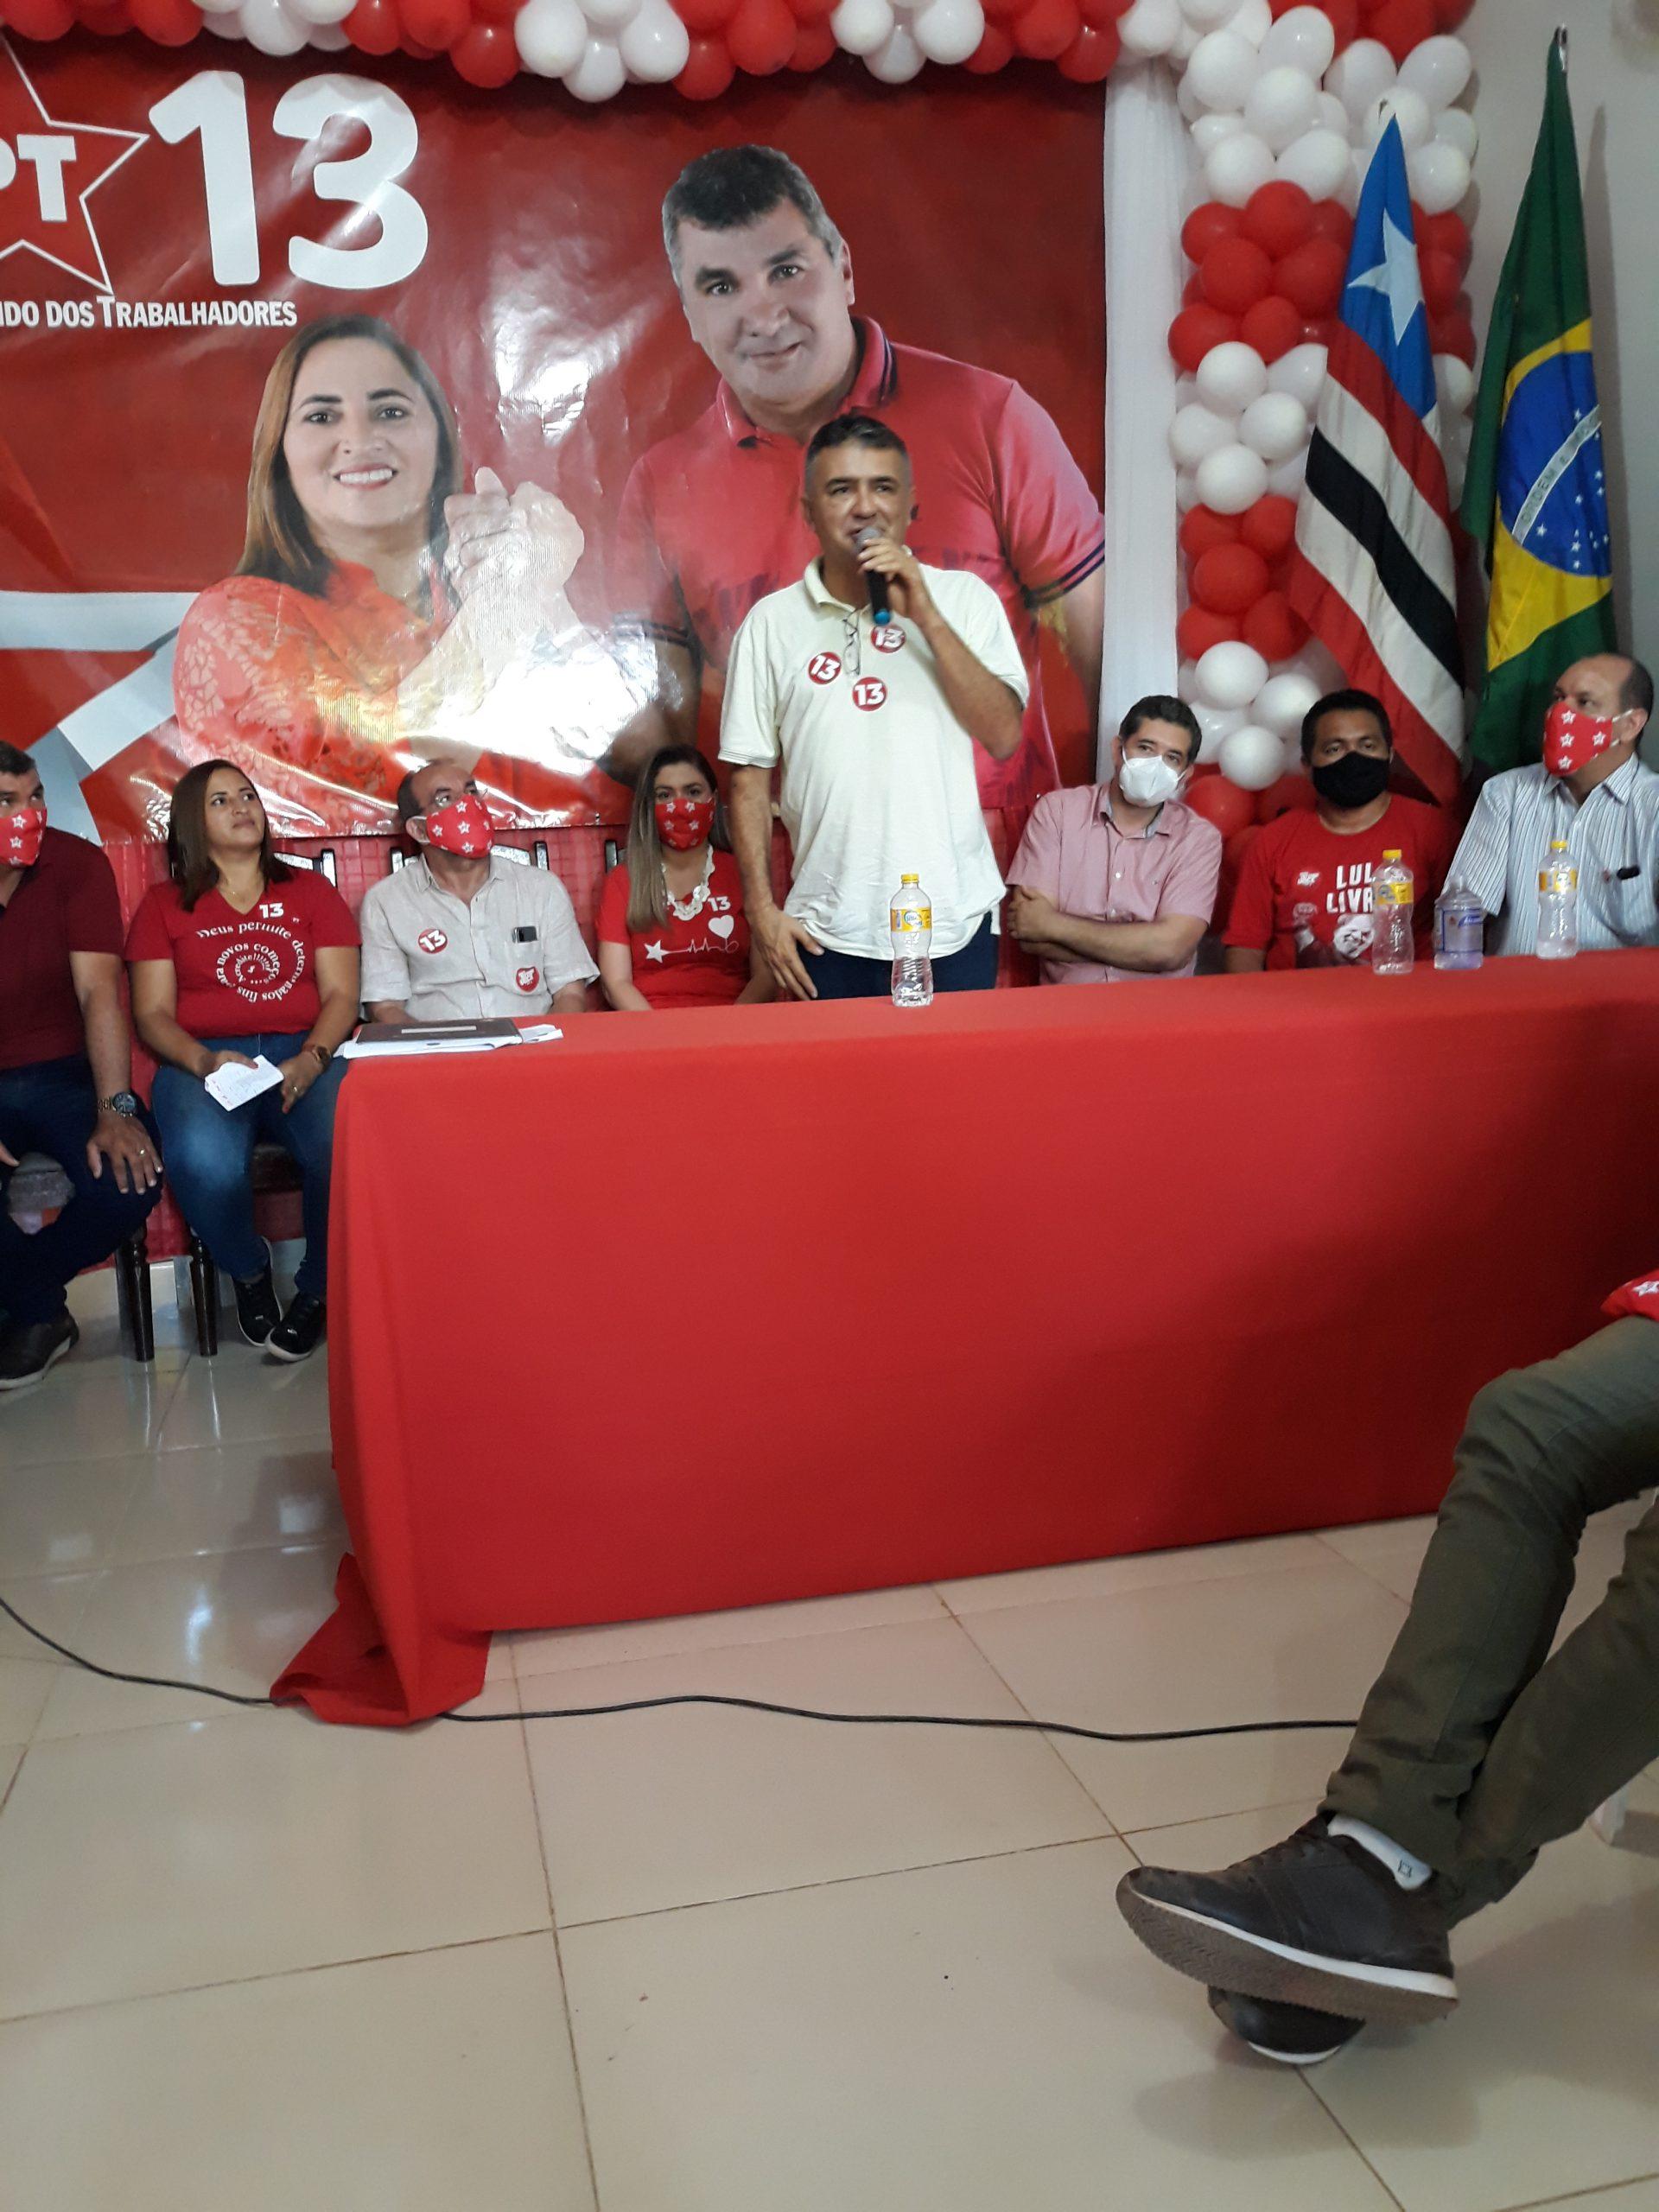 EM BERNARDO DO MEARIM-MA, CONVENÇÃO CONFIRMA LÉIA PEREIRA COMO CANDIDATA A PREFEITA